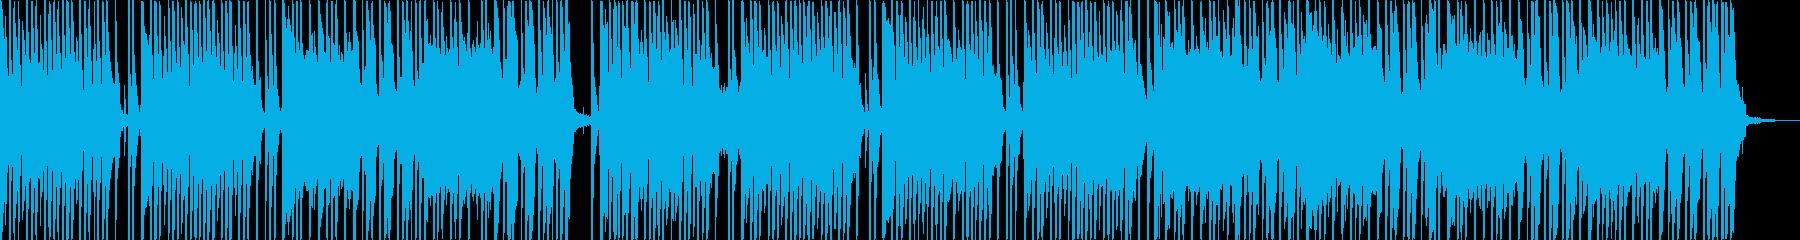 ドラムのリズムに軽快なキーボードの再生済みの波形